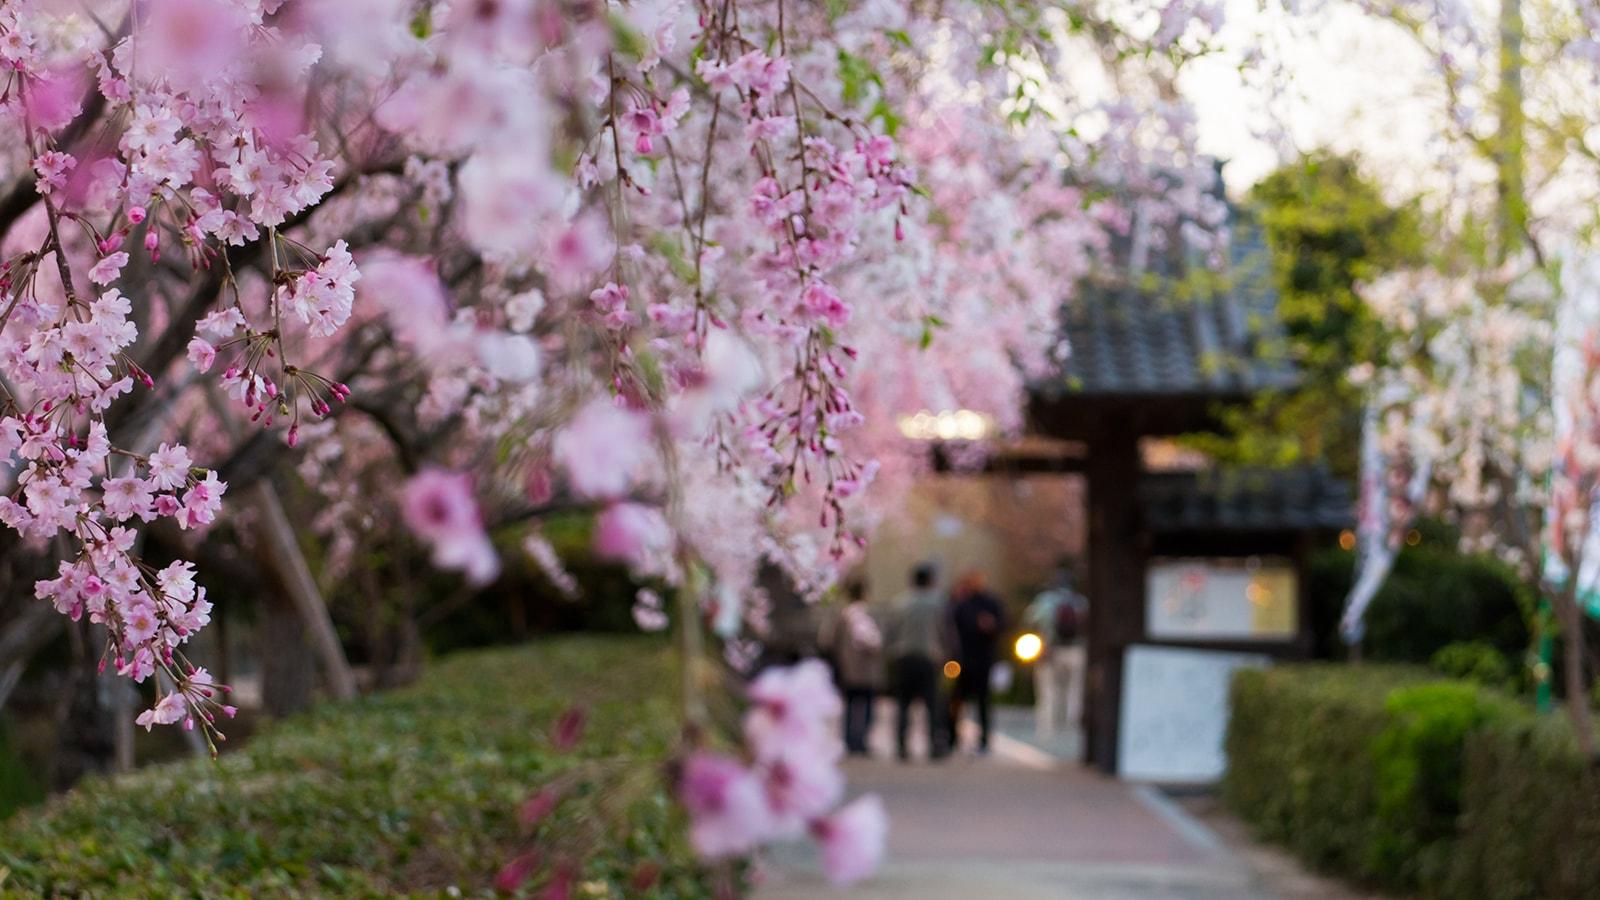 源空院の参道。しだれ桜の向こうに見える山門の風情が美しい - -愛知県西尾市にある観光、撮影スポット- -